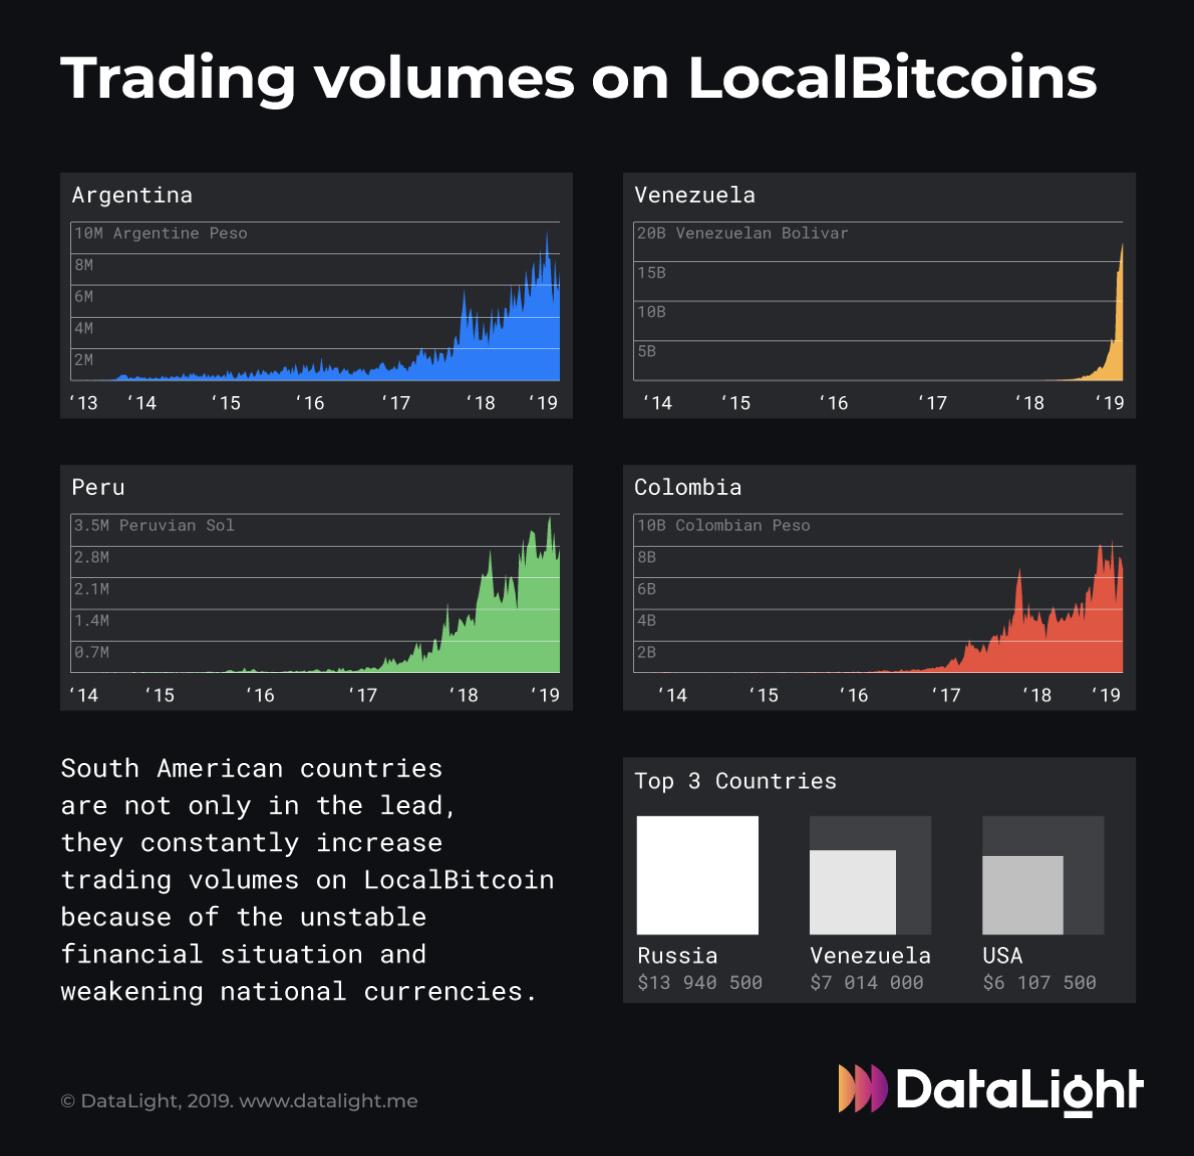 Les volumes de trading sur LocalBitcoin dans les pays d'Amérique du Sud. Source : DataLight